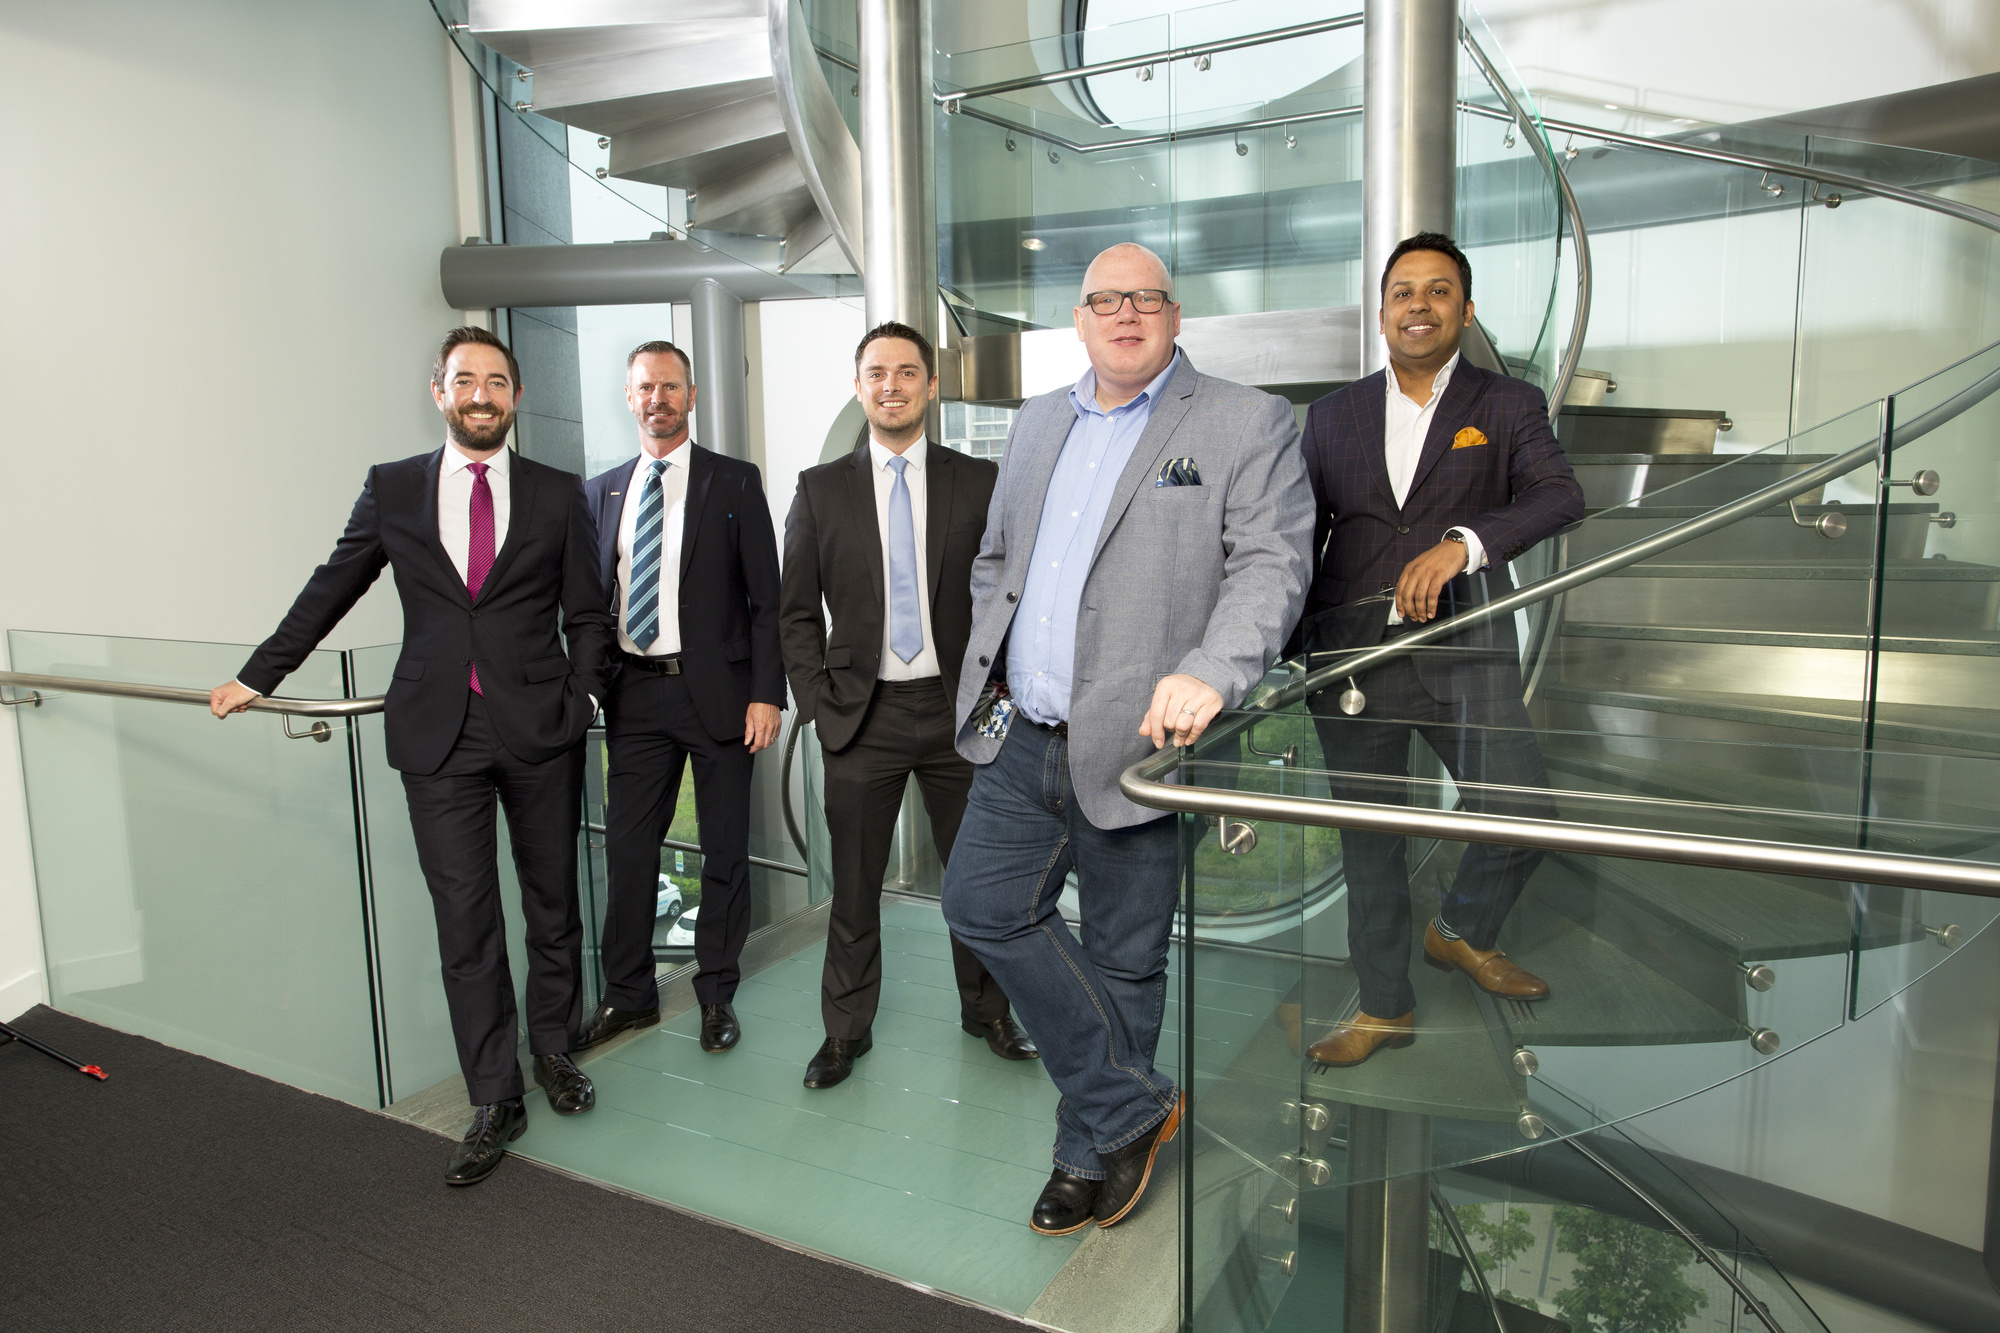 From left: Matthew Walsh (Muckle LLP); Gary Atkinson and Matthew Heaton (Barclays); Jason Knight (Blue Kangaroo); Abu Ali (Baldwins).